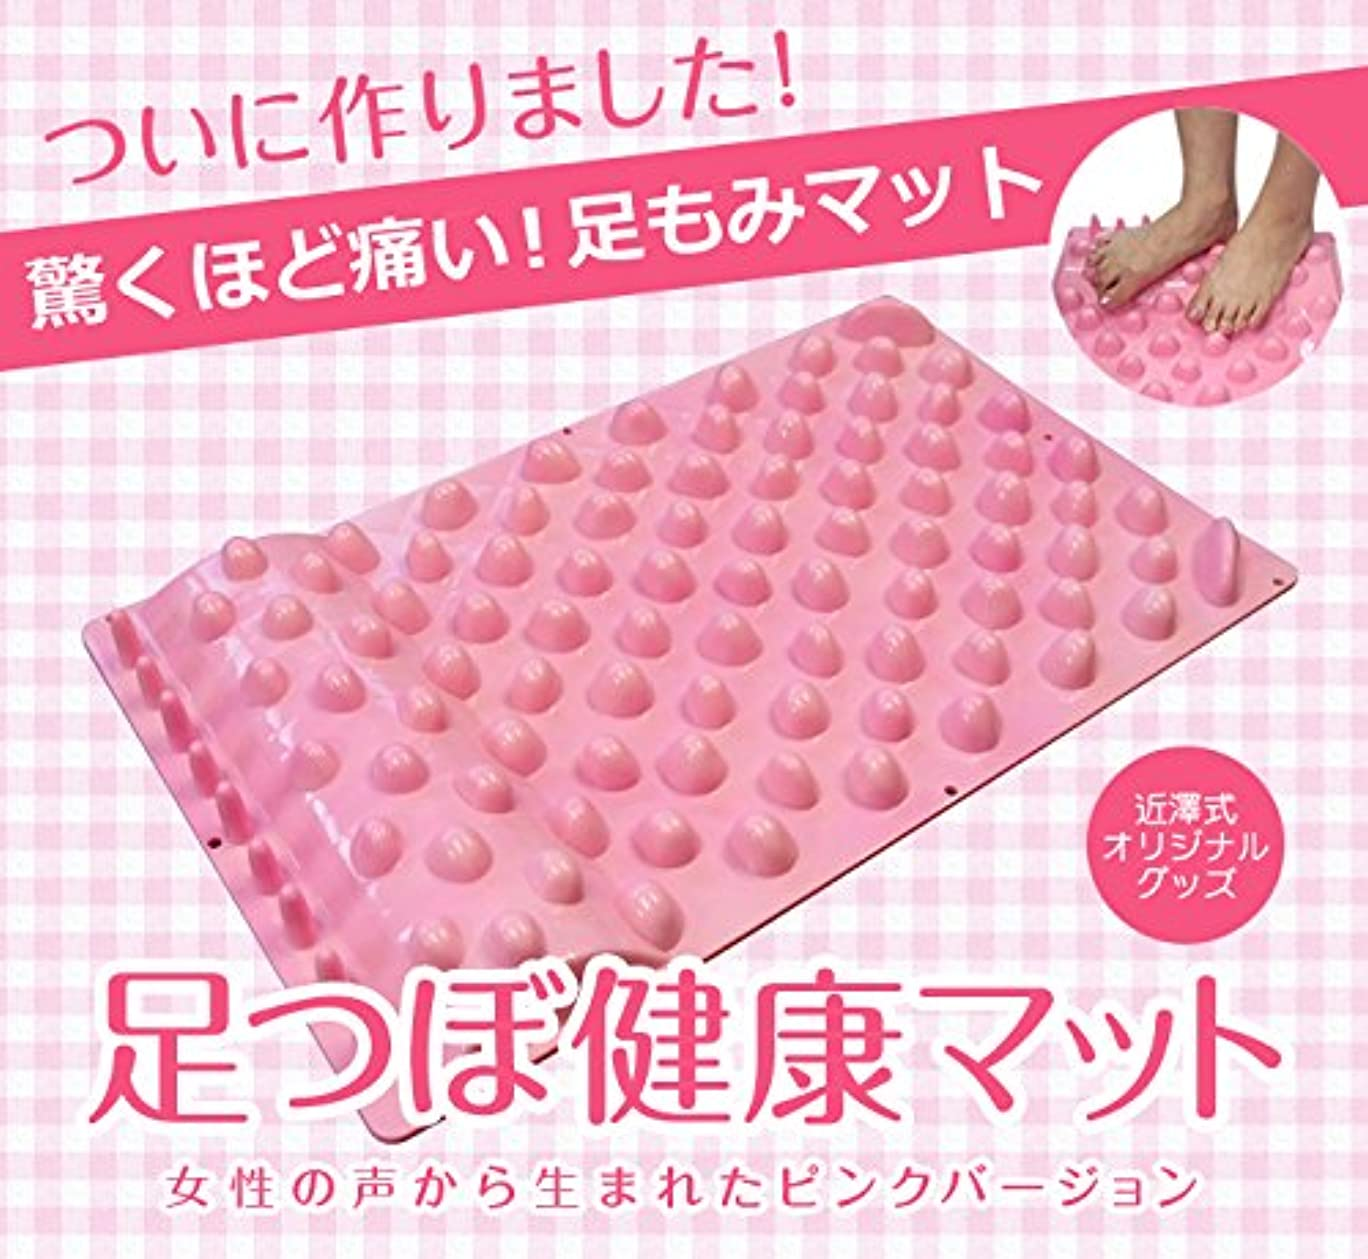 スツール検出あらゆる種類の【近澤式】足つぼマット ピンク